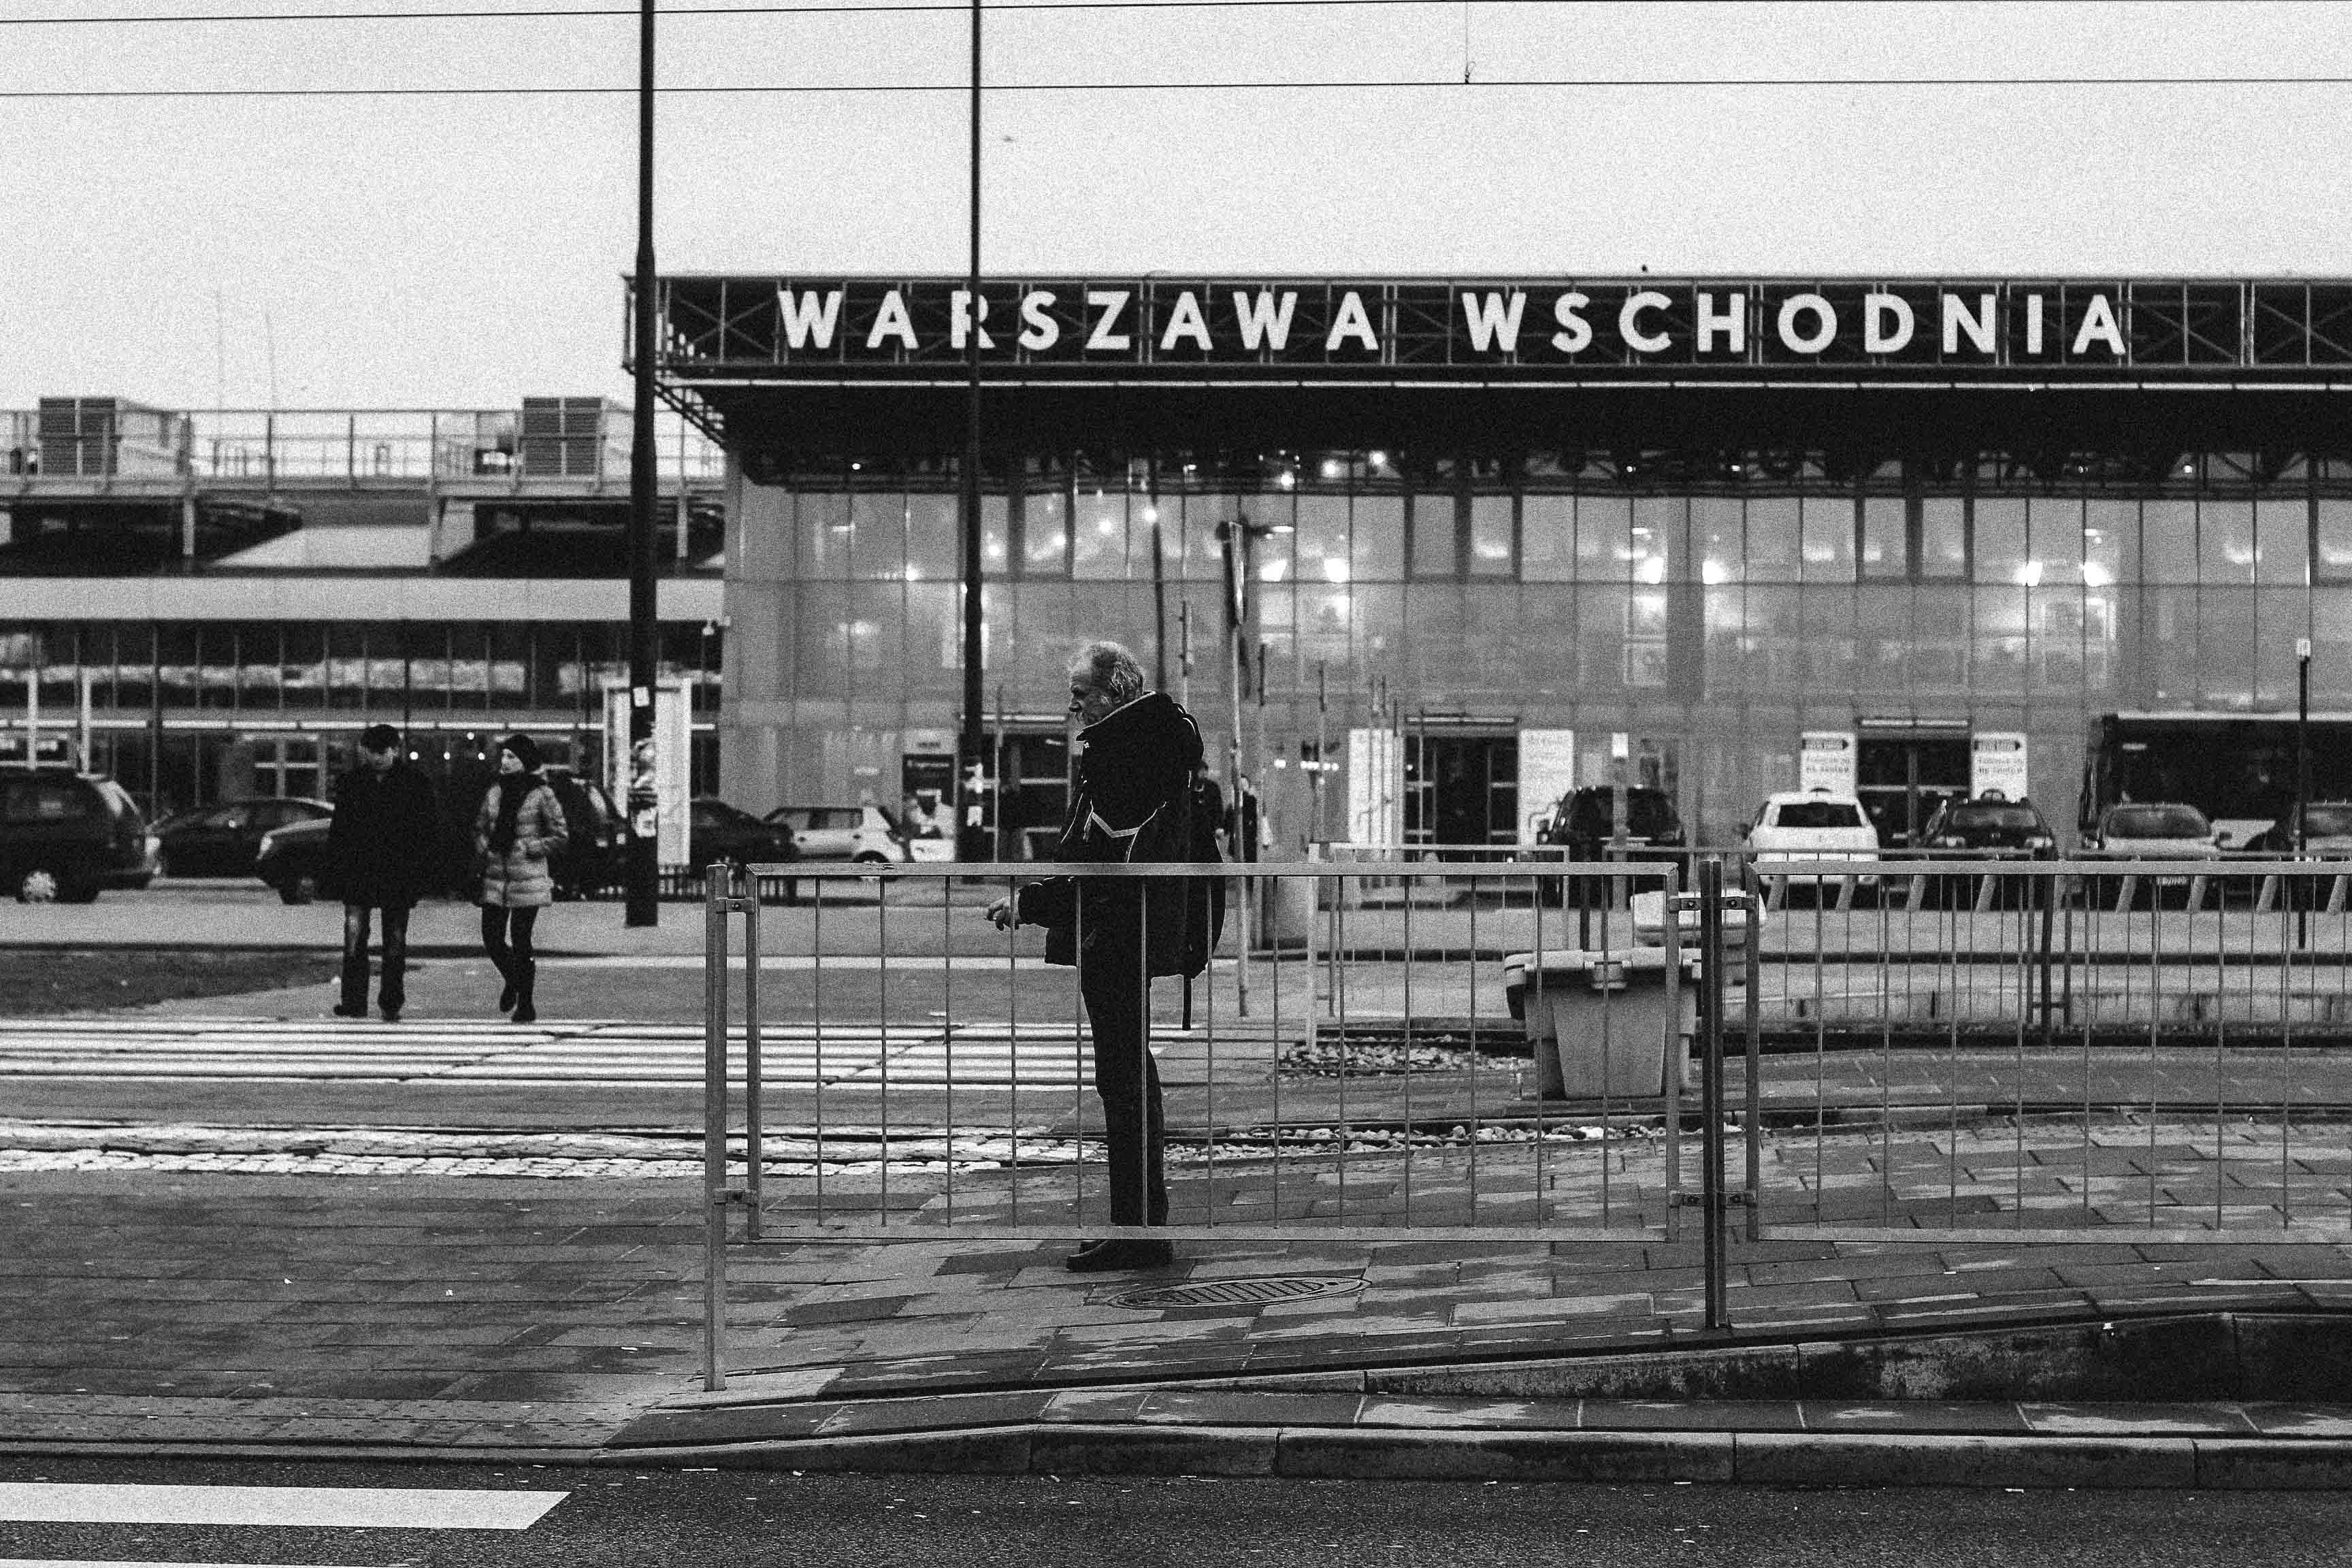 Warszawa january 2015 (22 of 23)